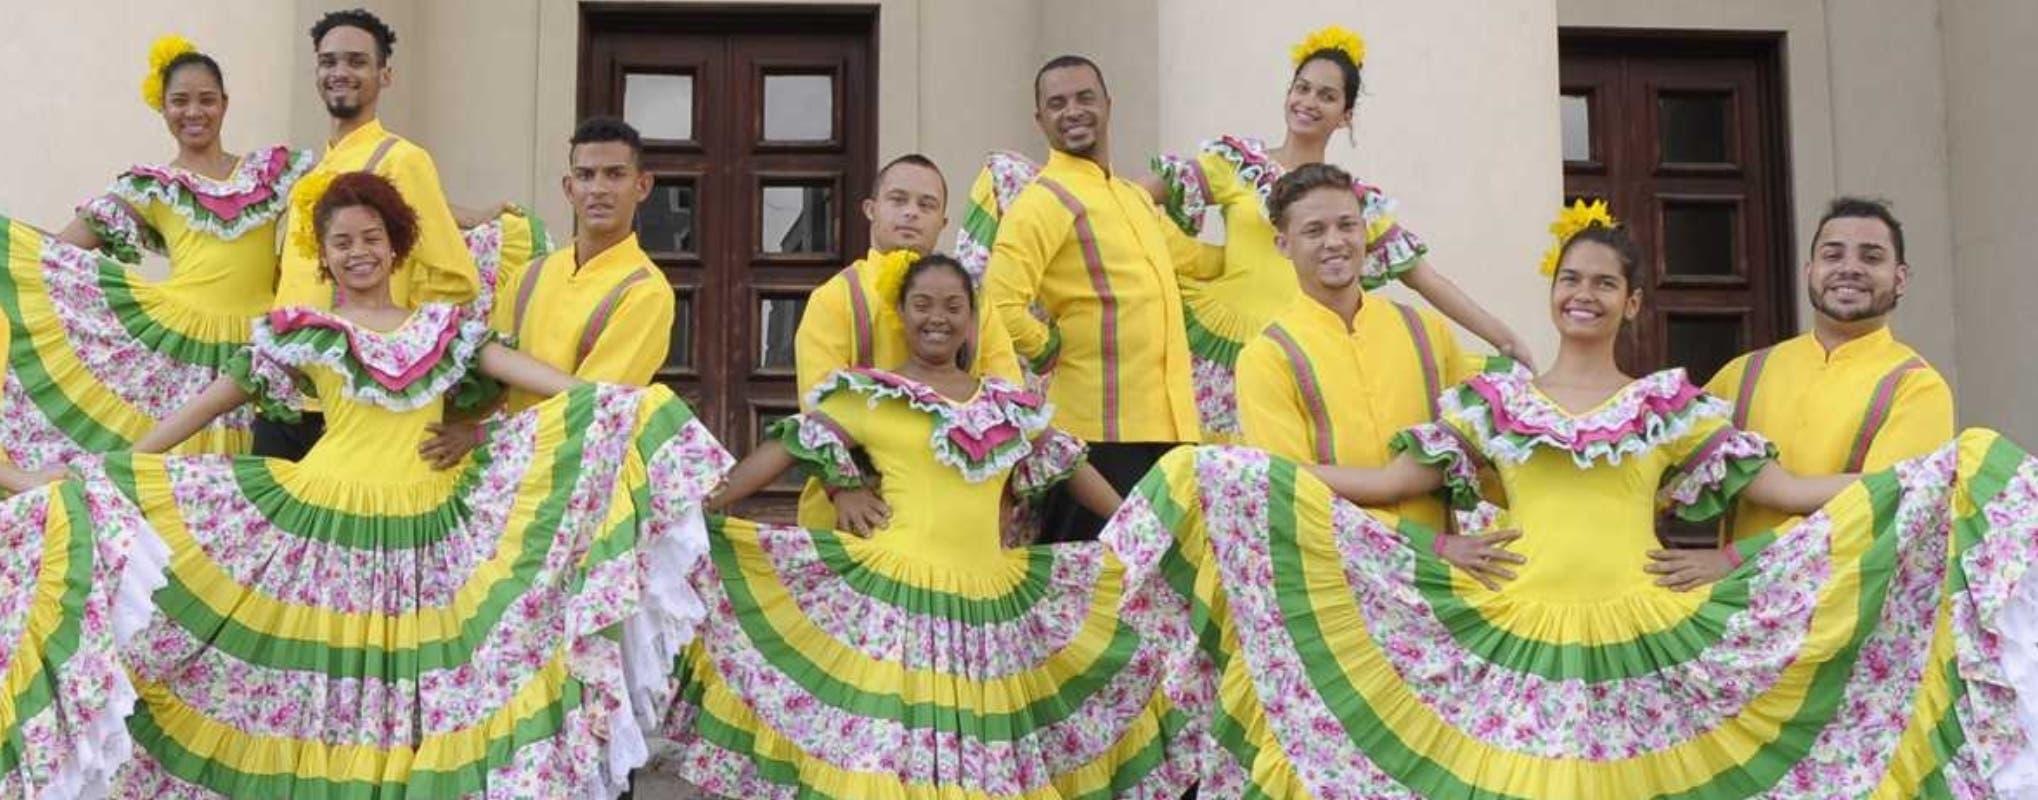 Algunos de los integrantes del Teatro Orquestal Dominicano, compuesto por jóvenes con discapacidad, quienes ha conseguido aprender a bailar, cantar y tocar.